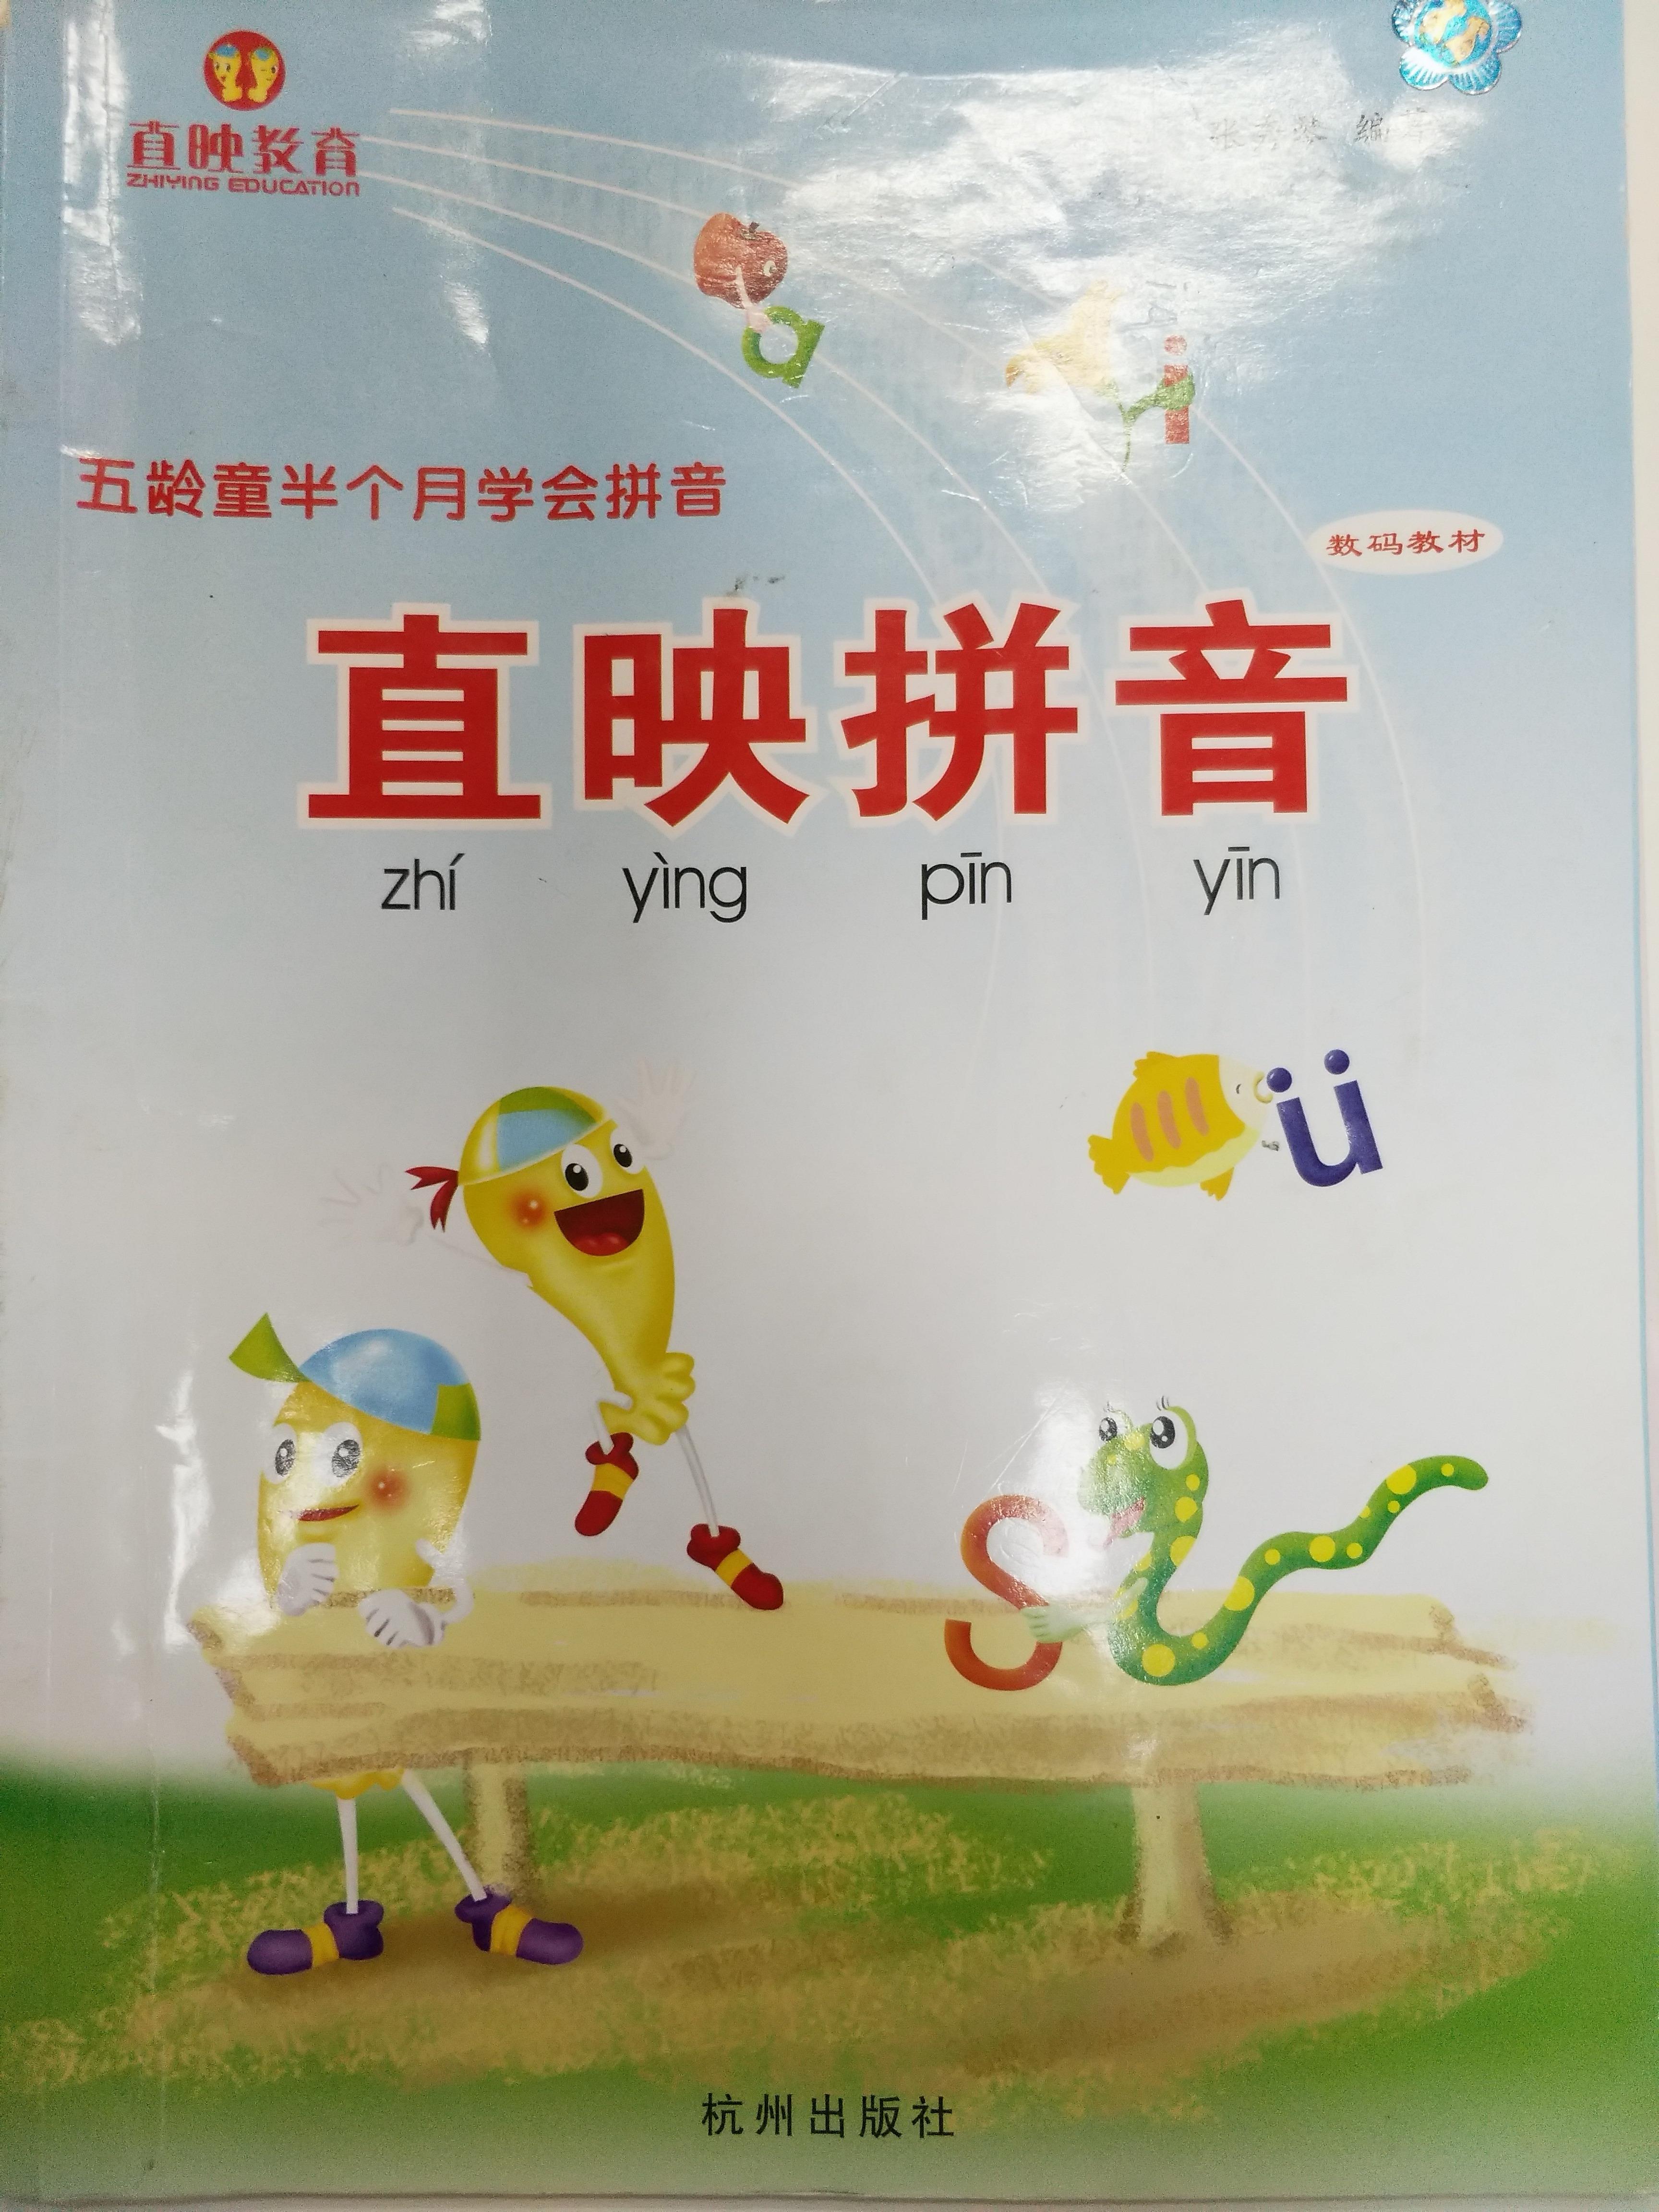 象形拼音课程